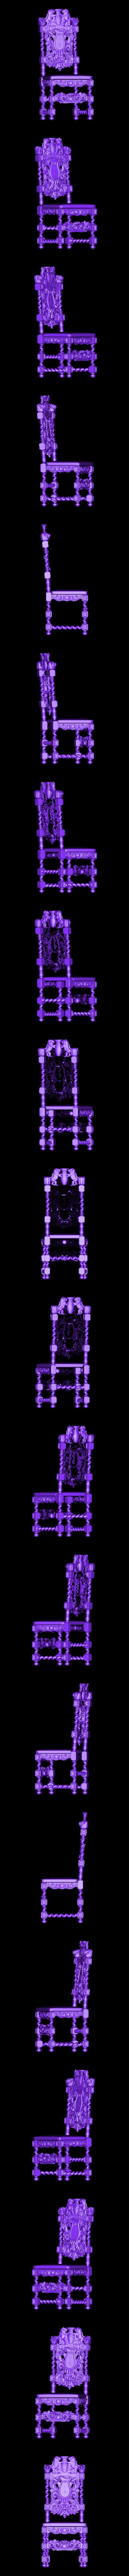 014.STL Télécharger fichier STL gratuit renaissance vintage vintage old chair art • Design pour imprimante 3D, 3DPrinterFiles